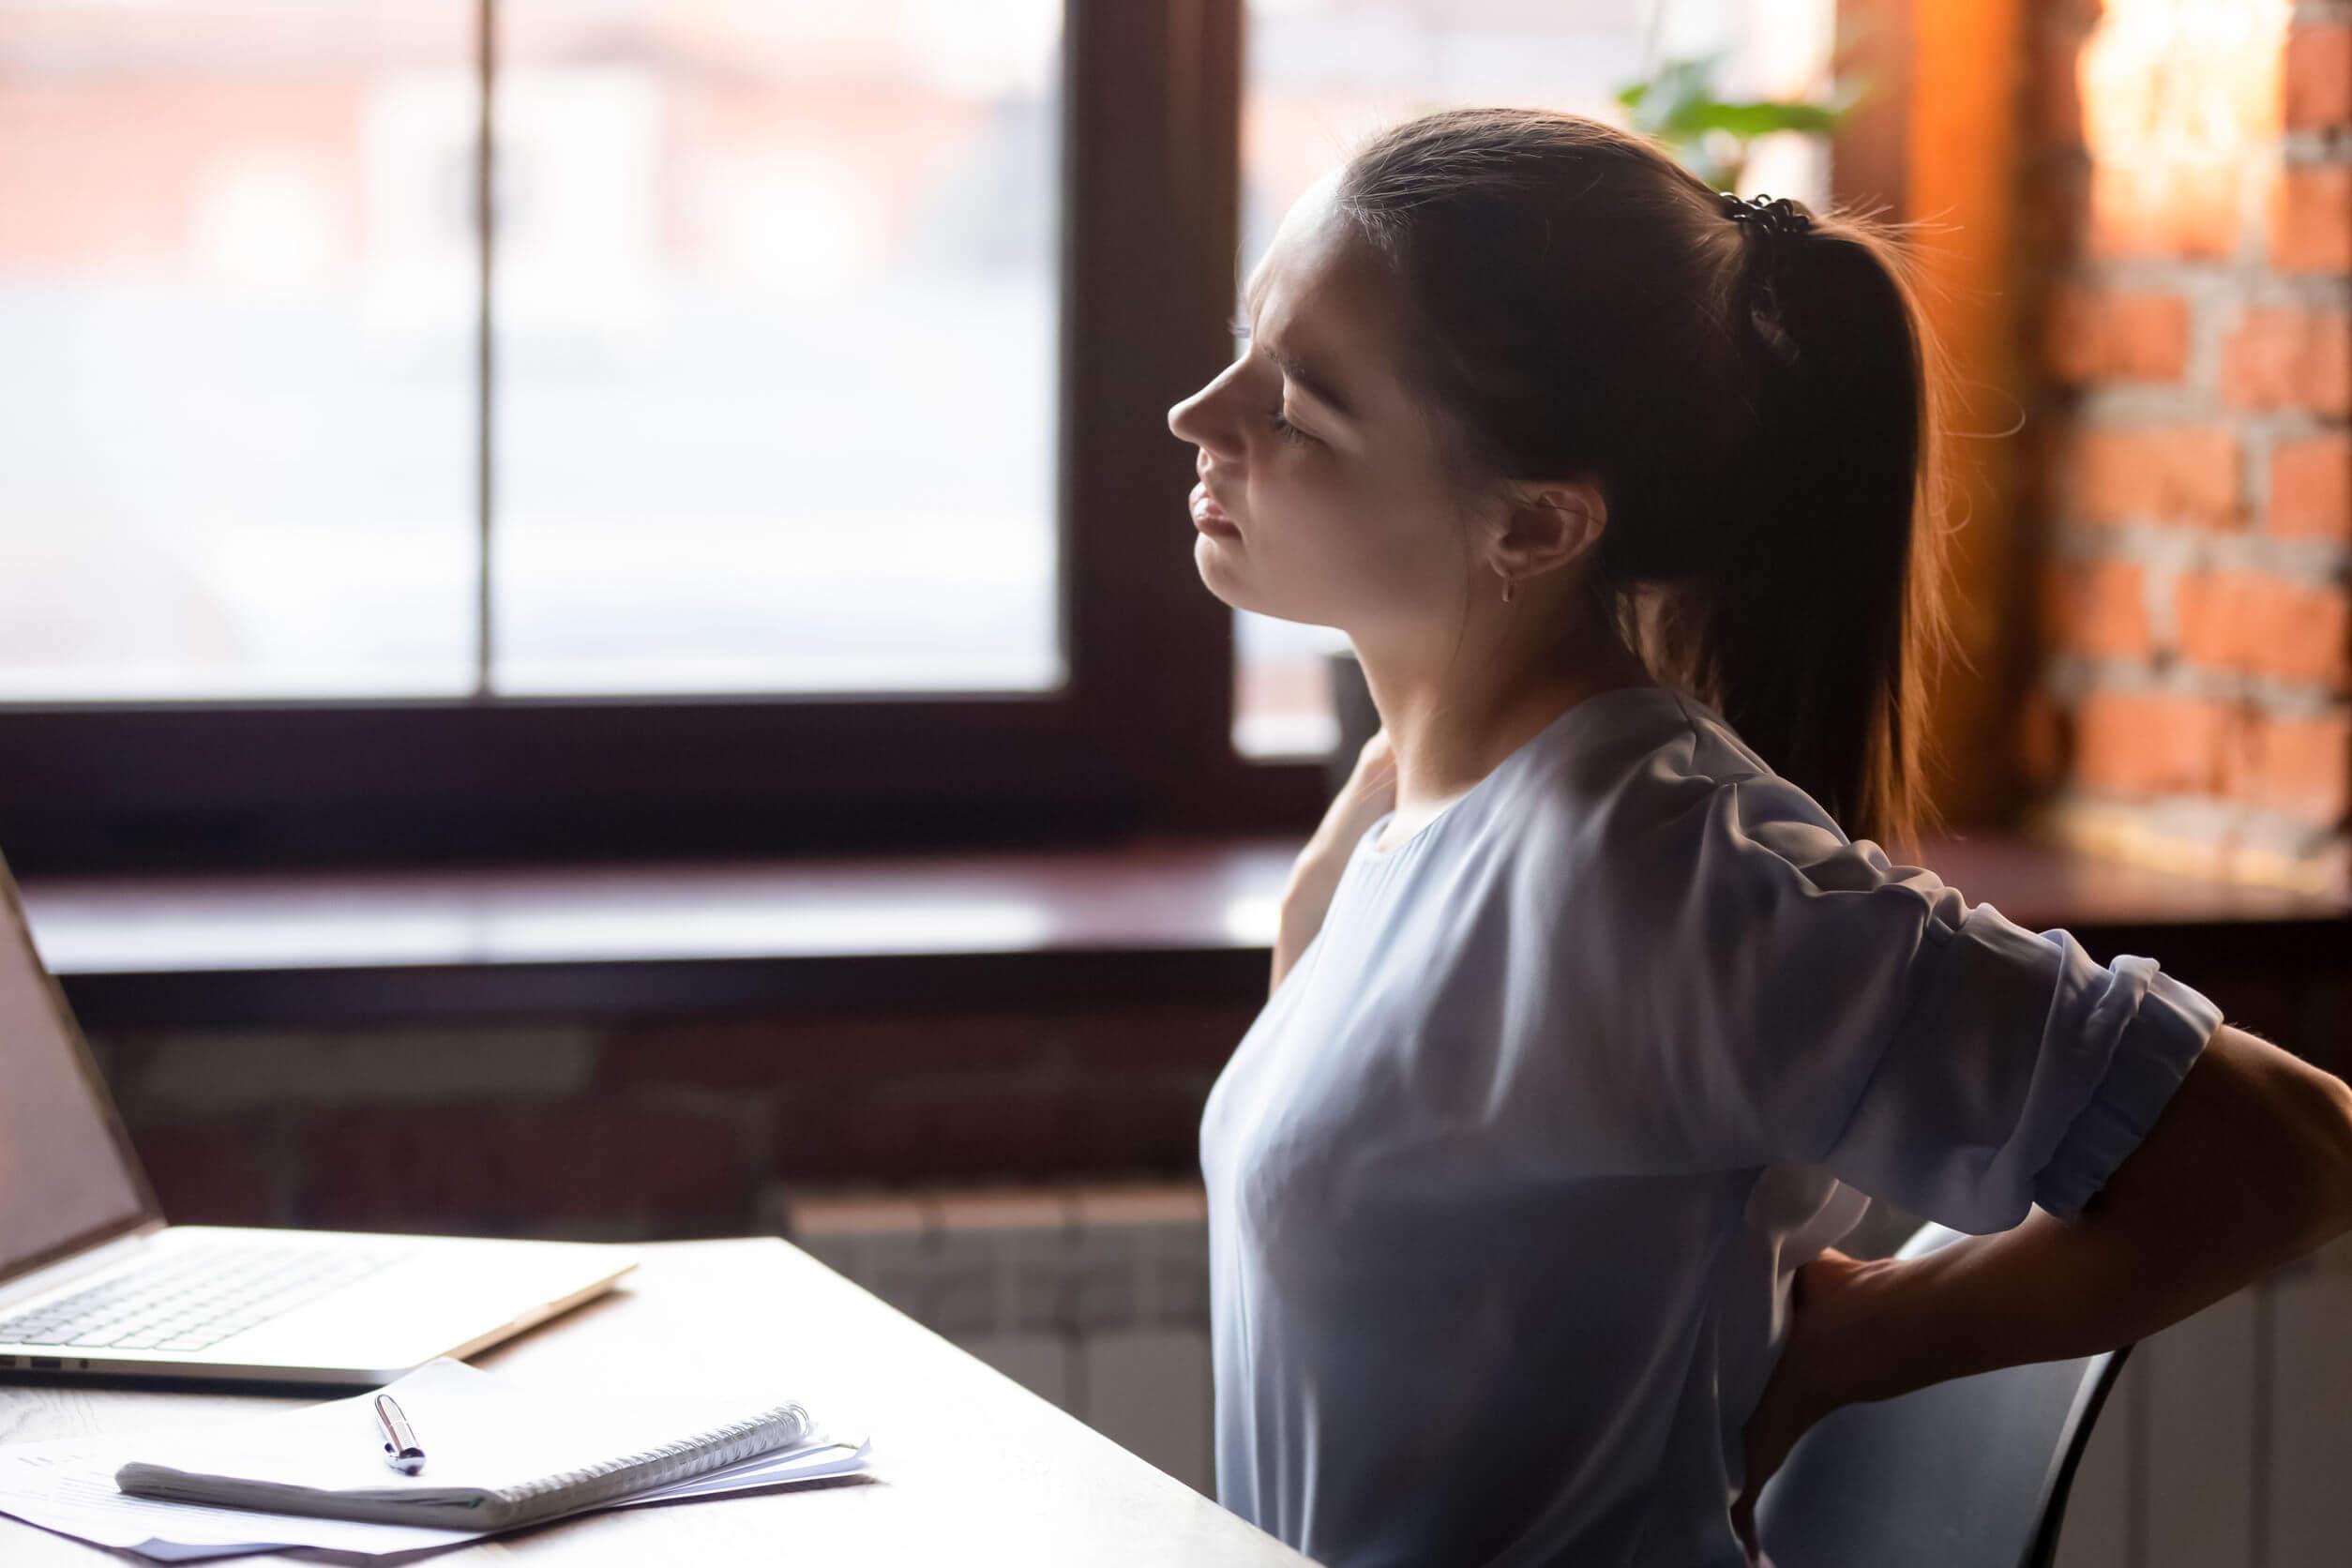 La vida activa debe promoverse en los lugares de trabajo.